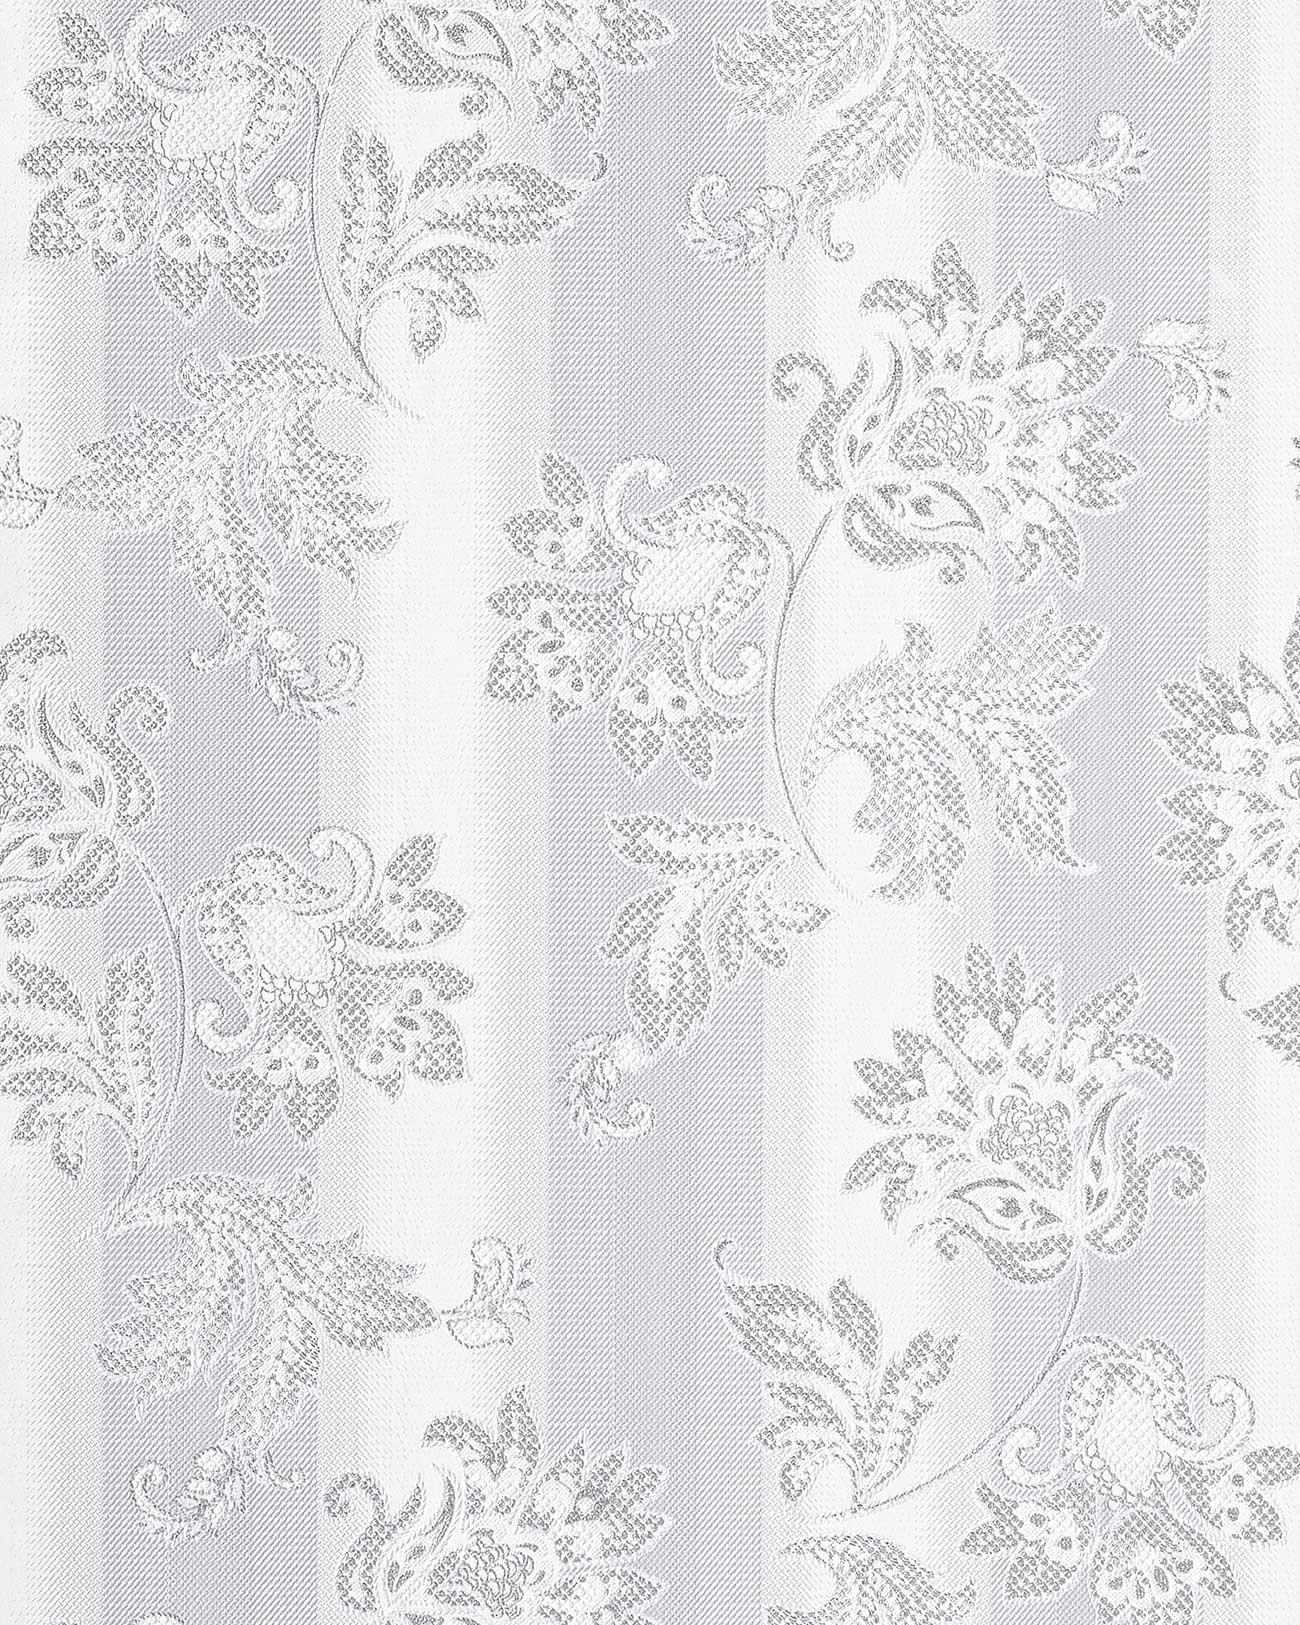 edem 084 20 tapete floral designer barock blumen vinyltapete grau wei silber ebay. Black Bedroom Furniture Sets. Home Design Ideas